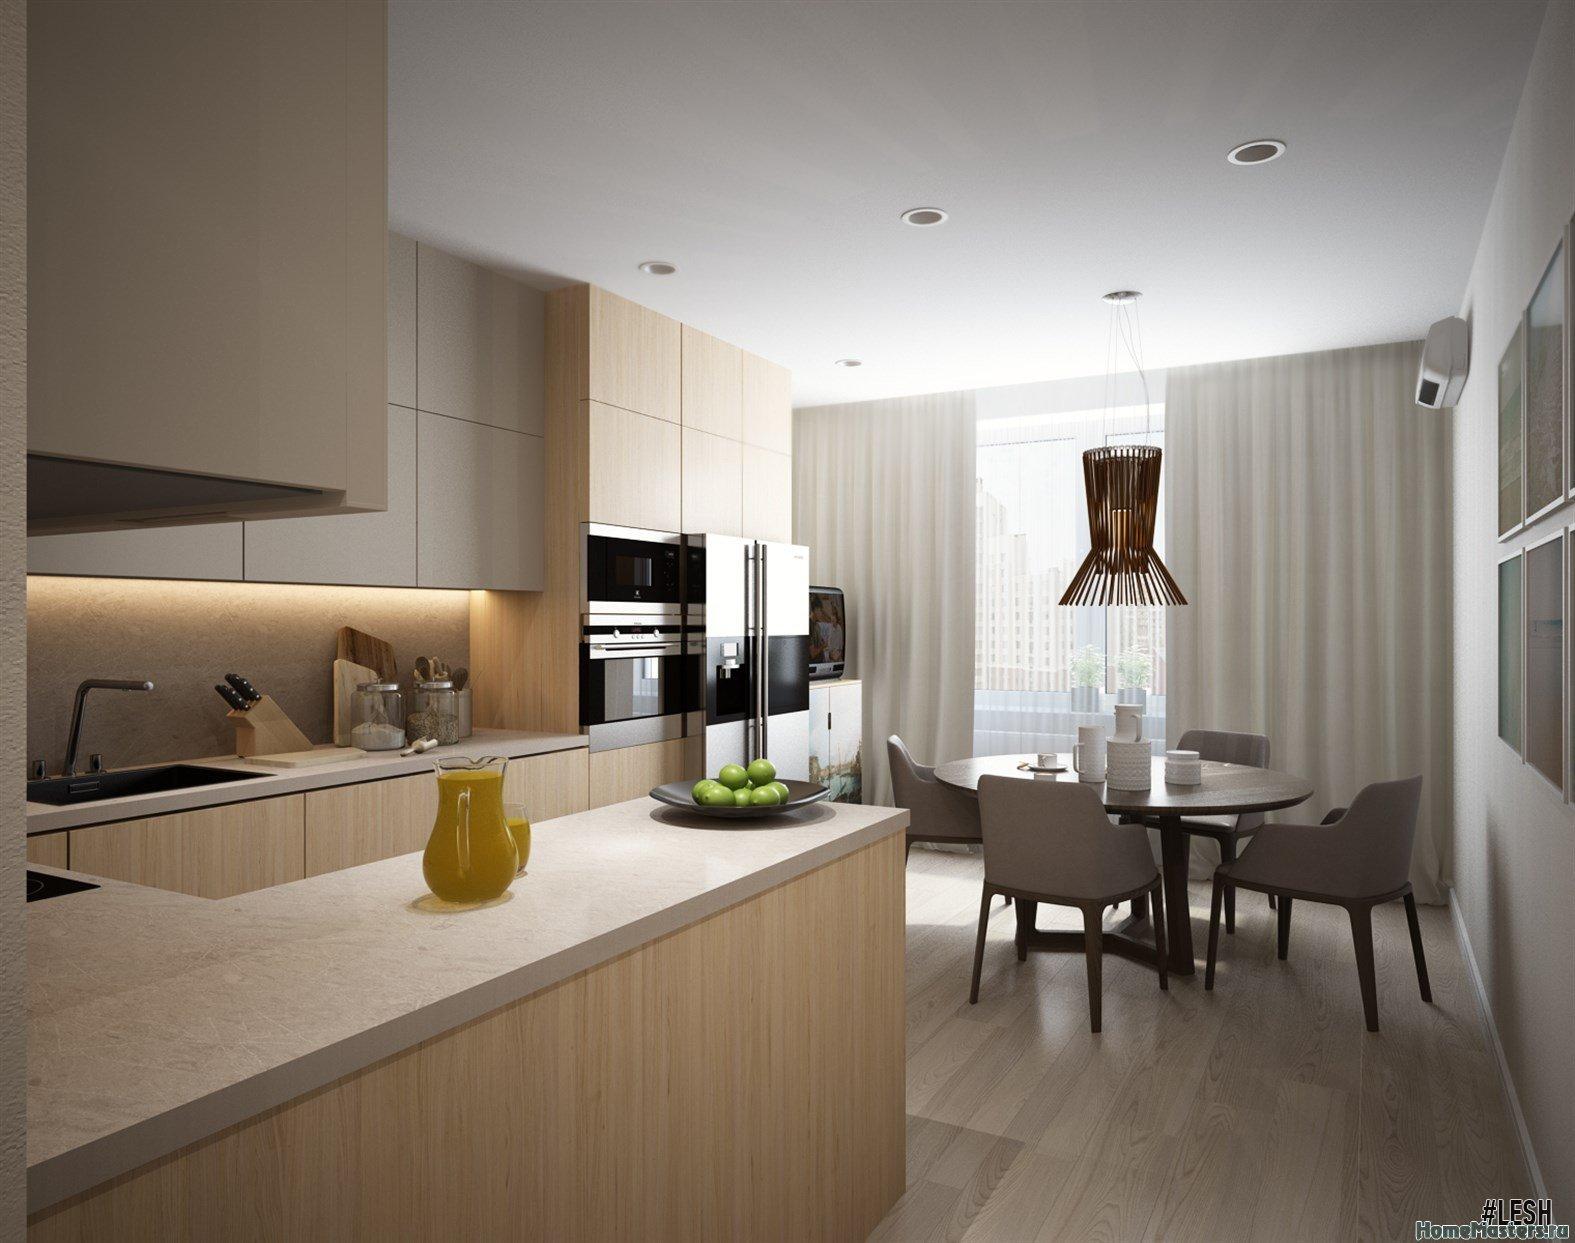 Современная светлая кухня | Tribuca 100 м.